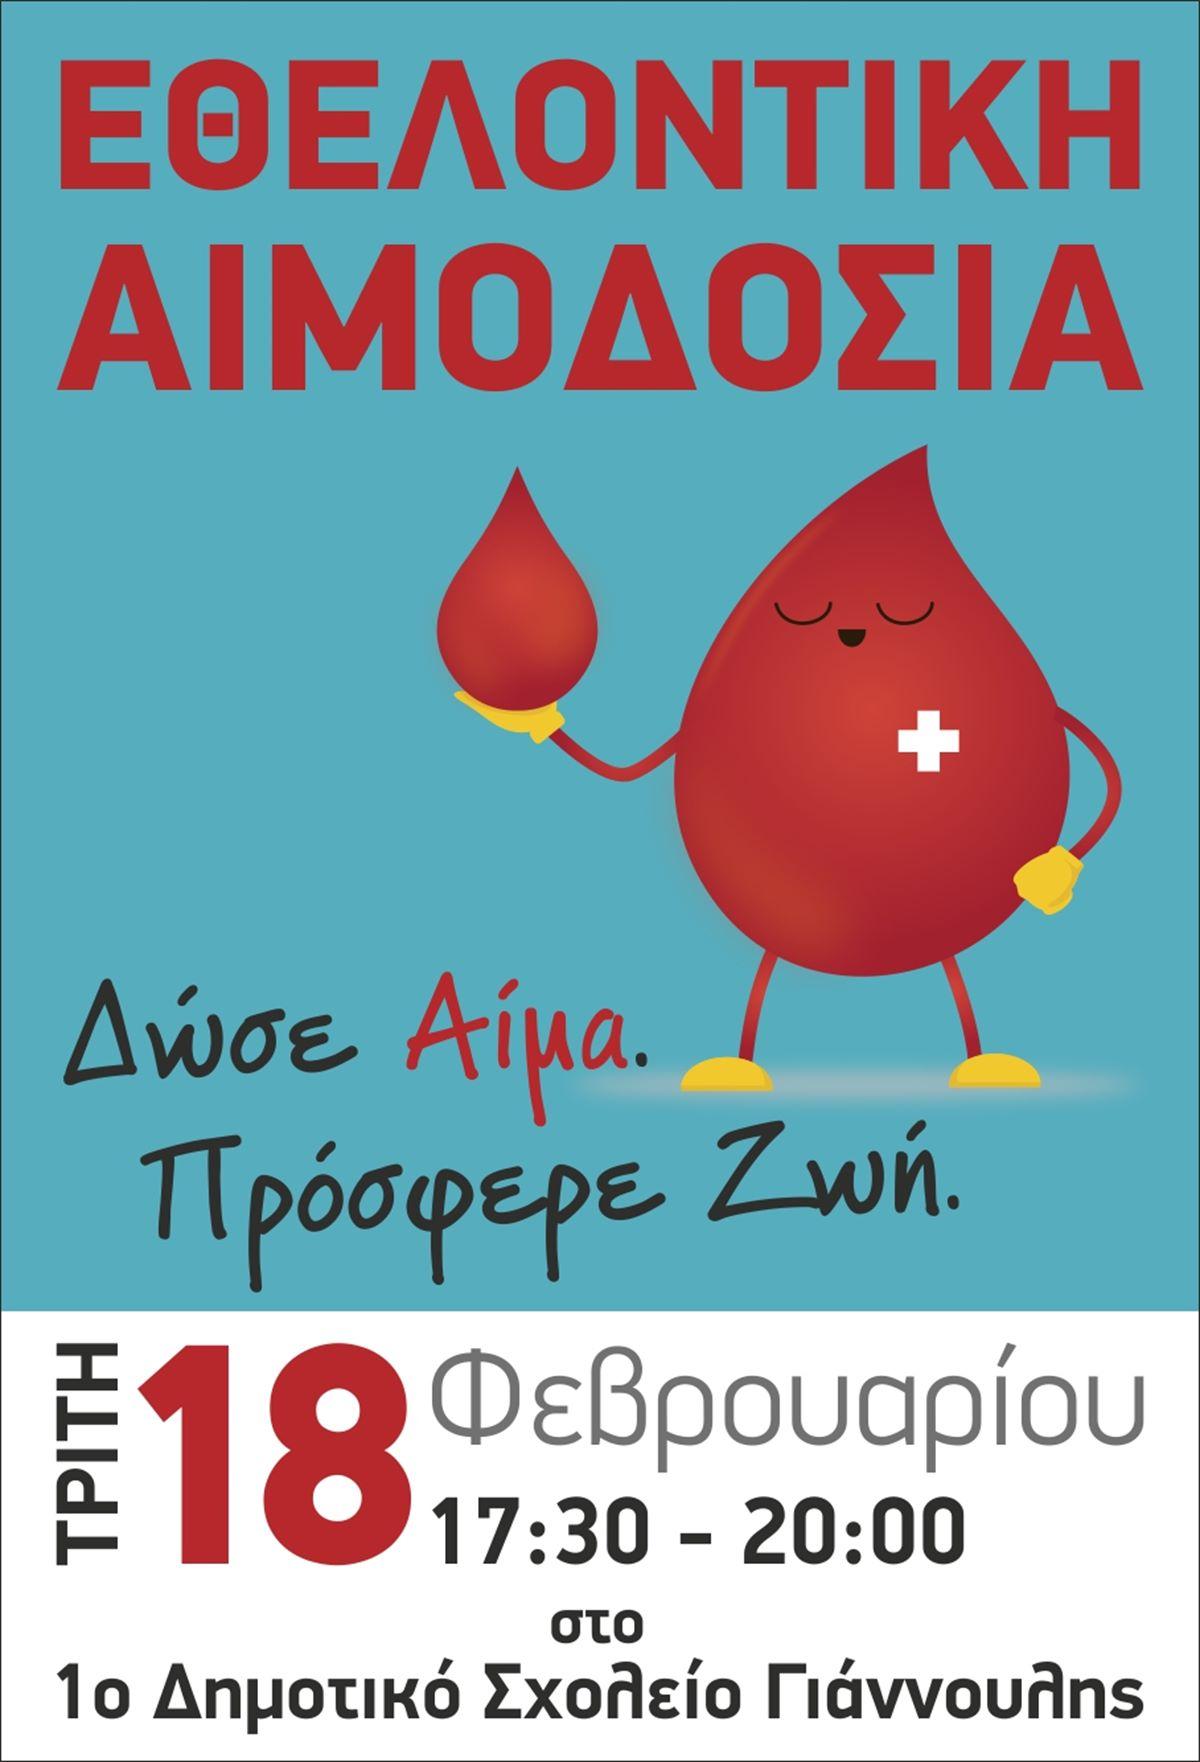 Εθελοντική αιμοδοσία στη Γιαννουλη